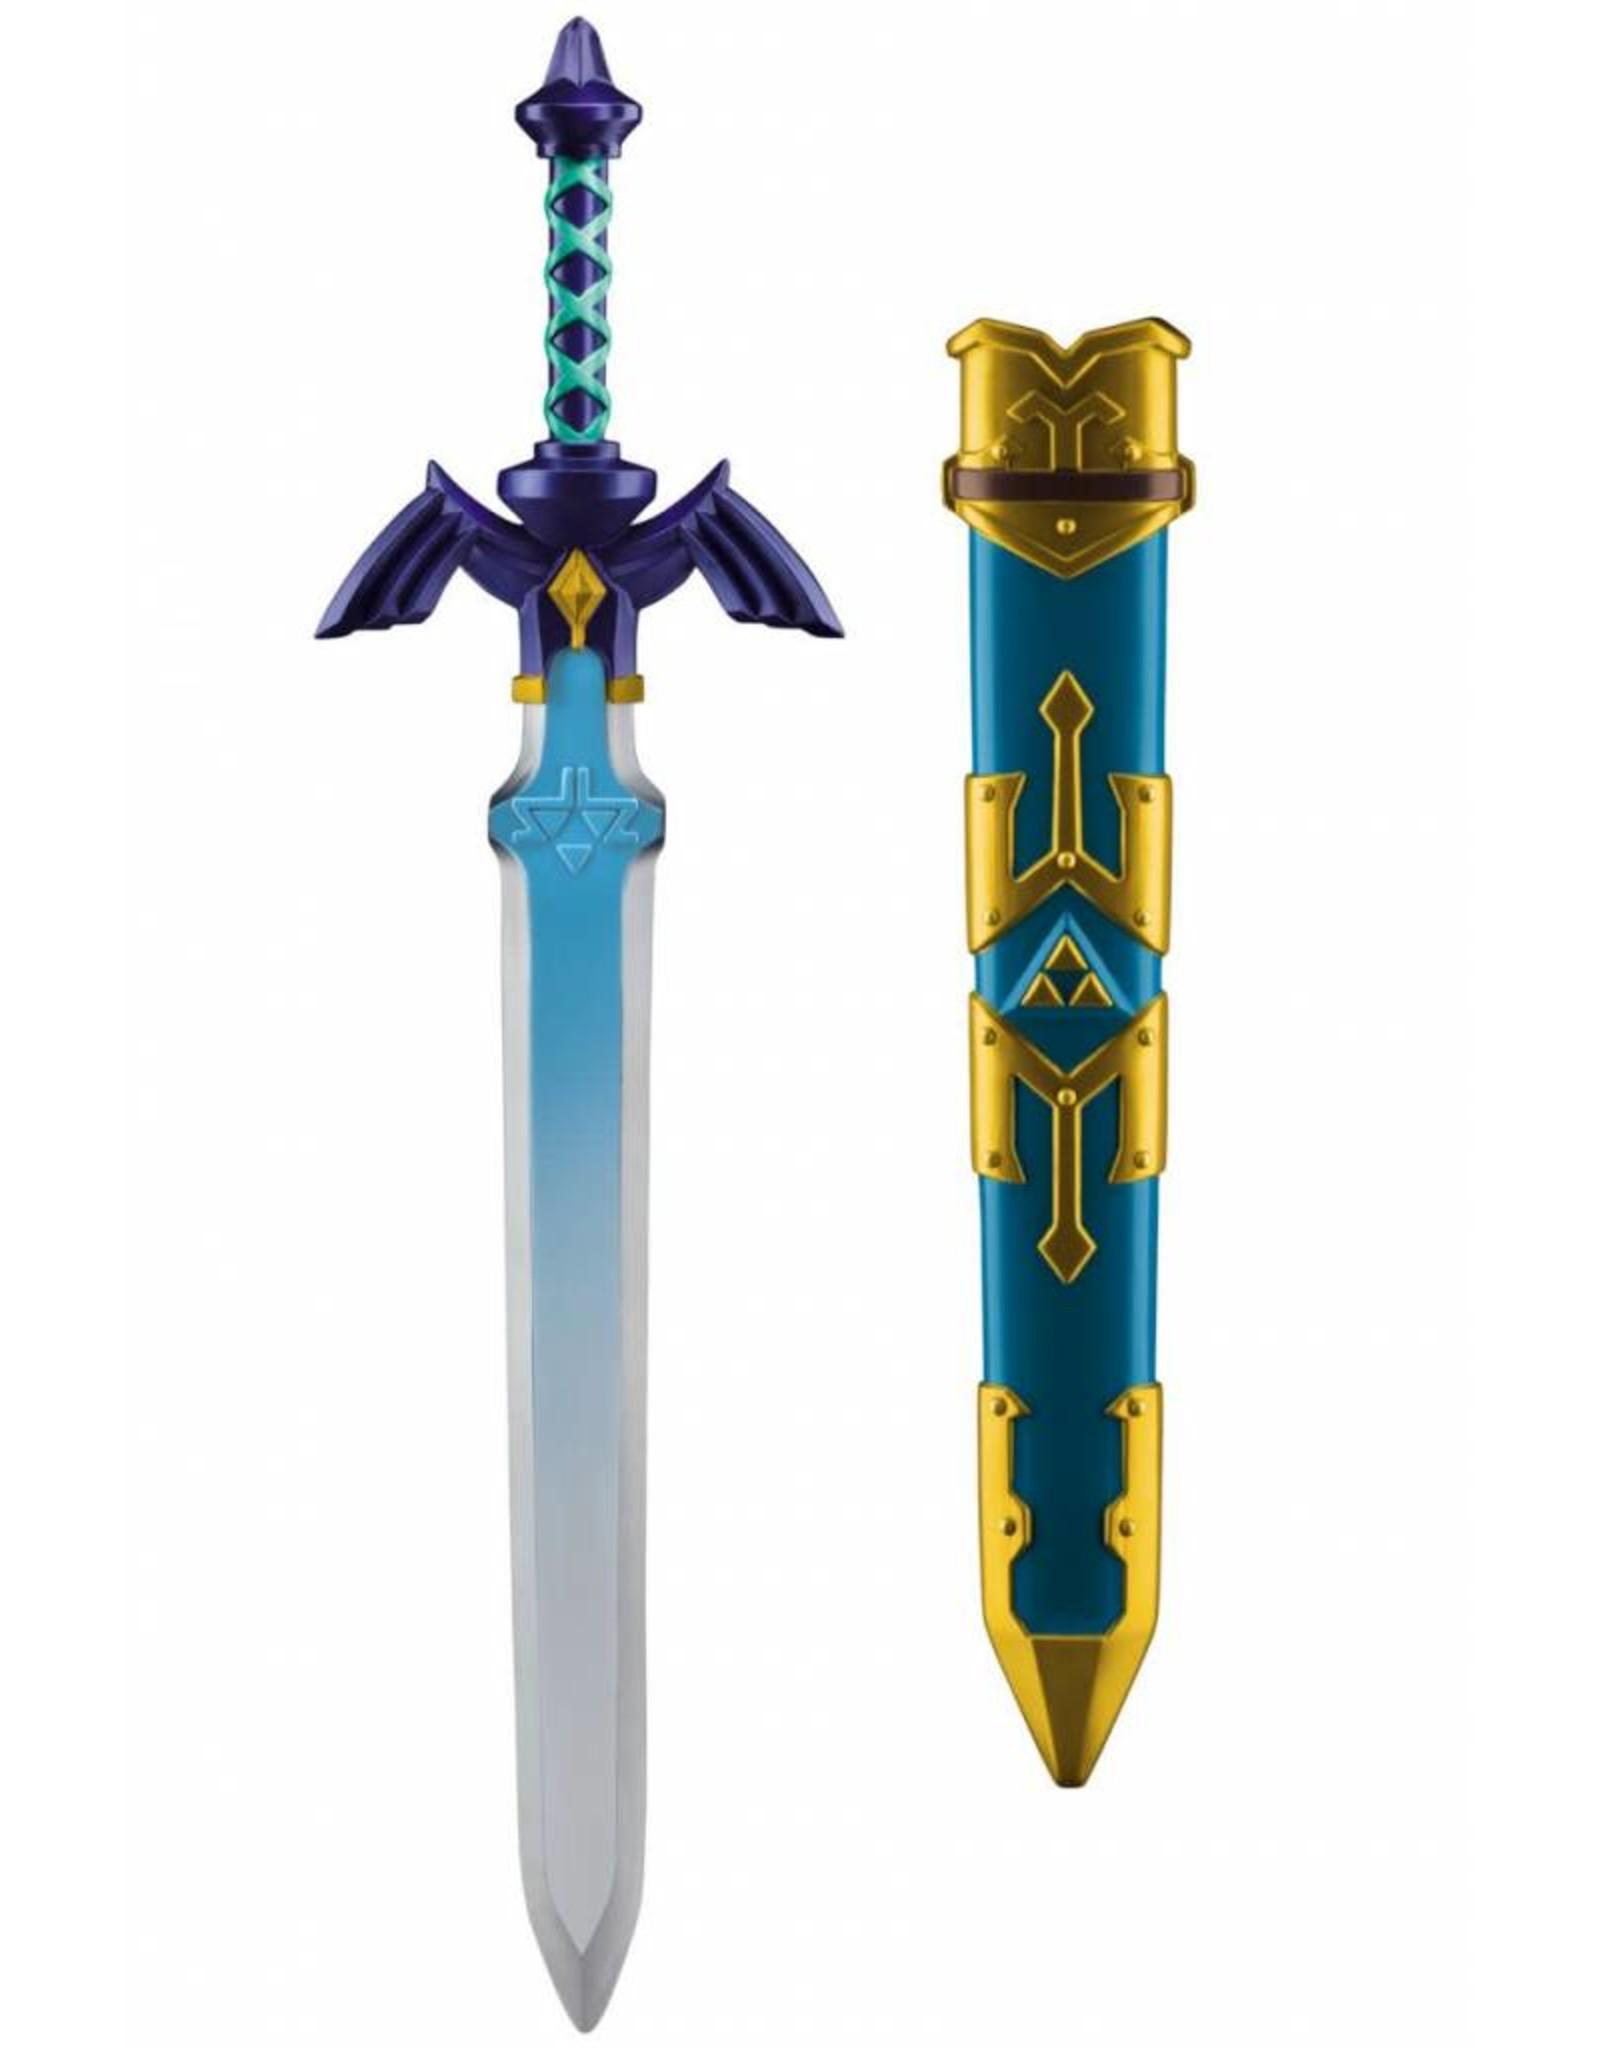 Disguise Link Sword